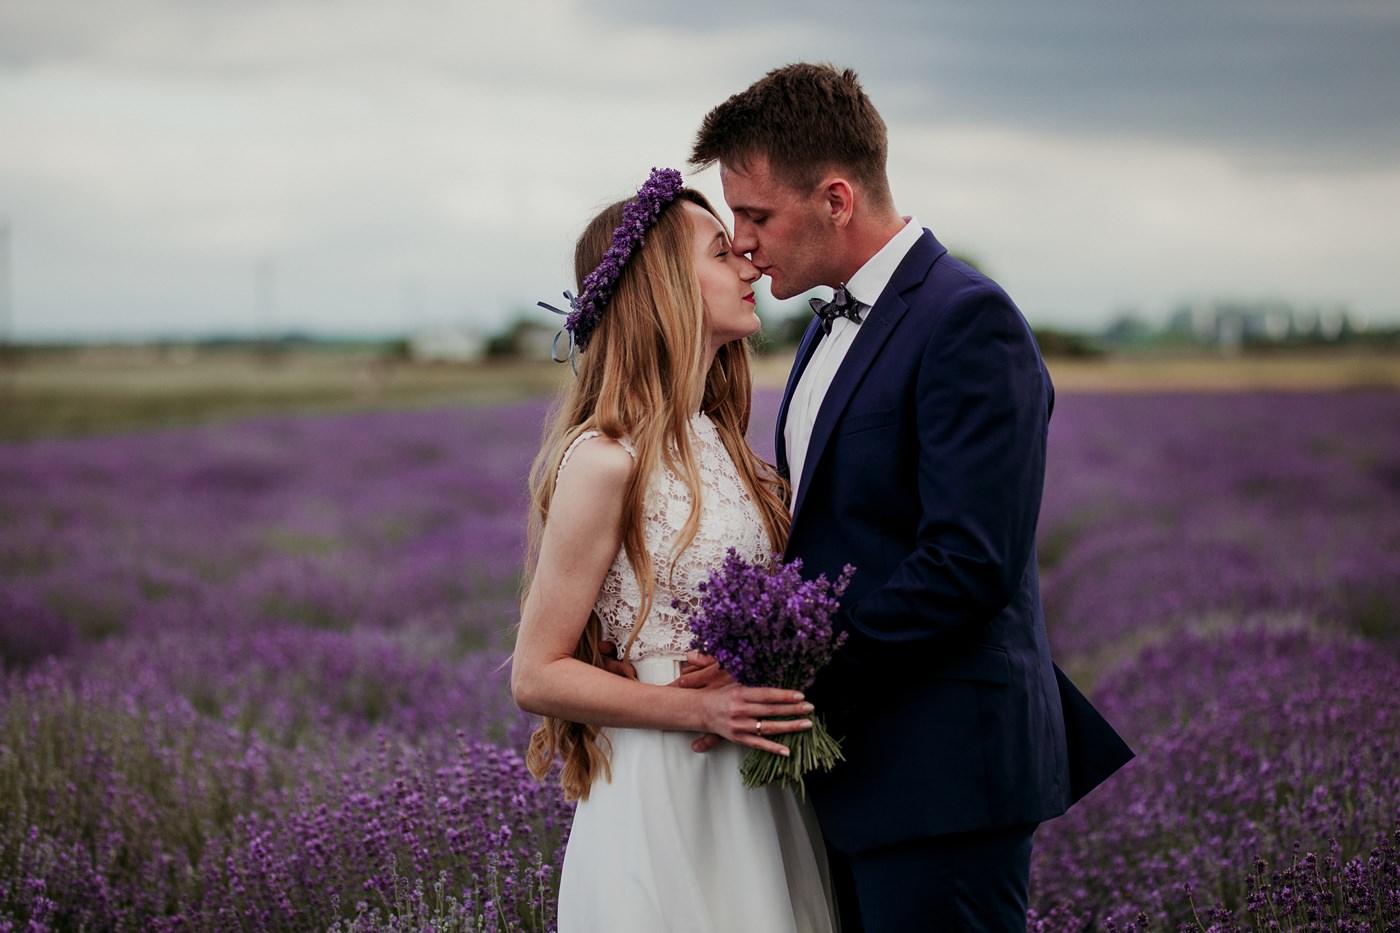 Anna i Marcin - Sesja Ślubna na Polu Lawendy 4